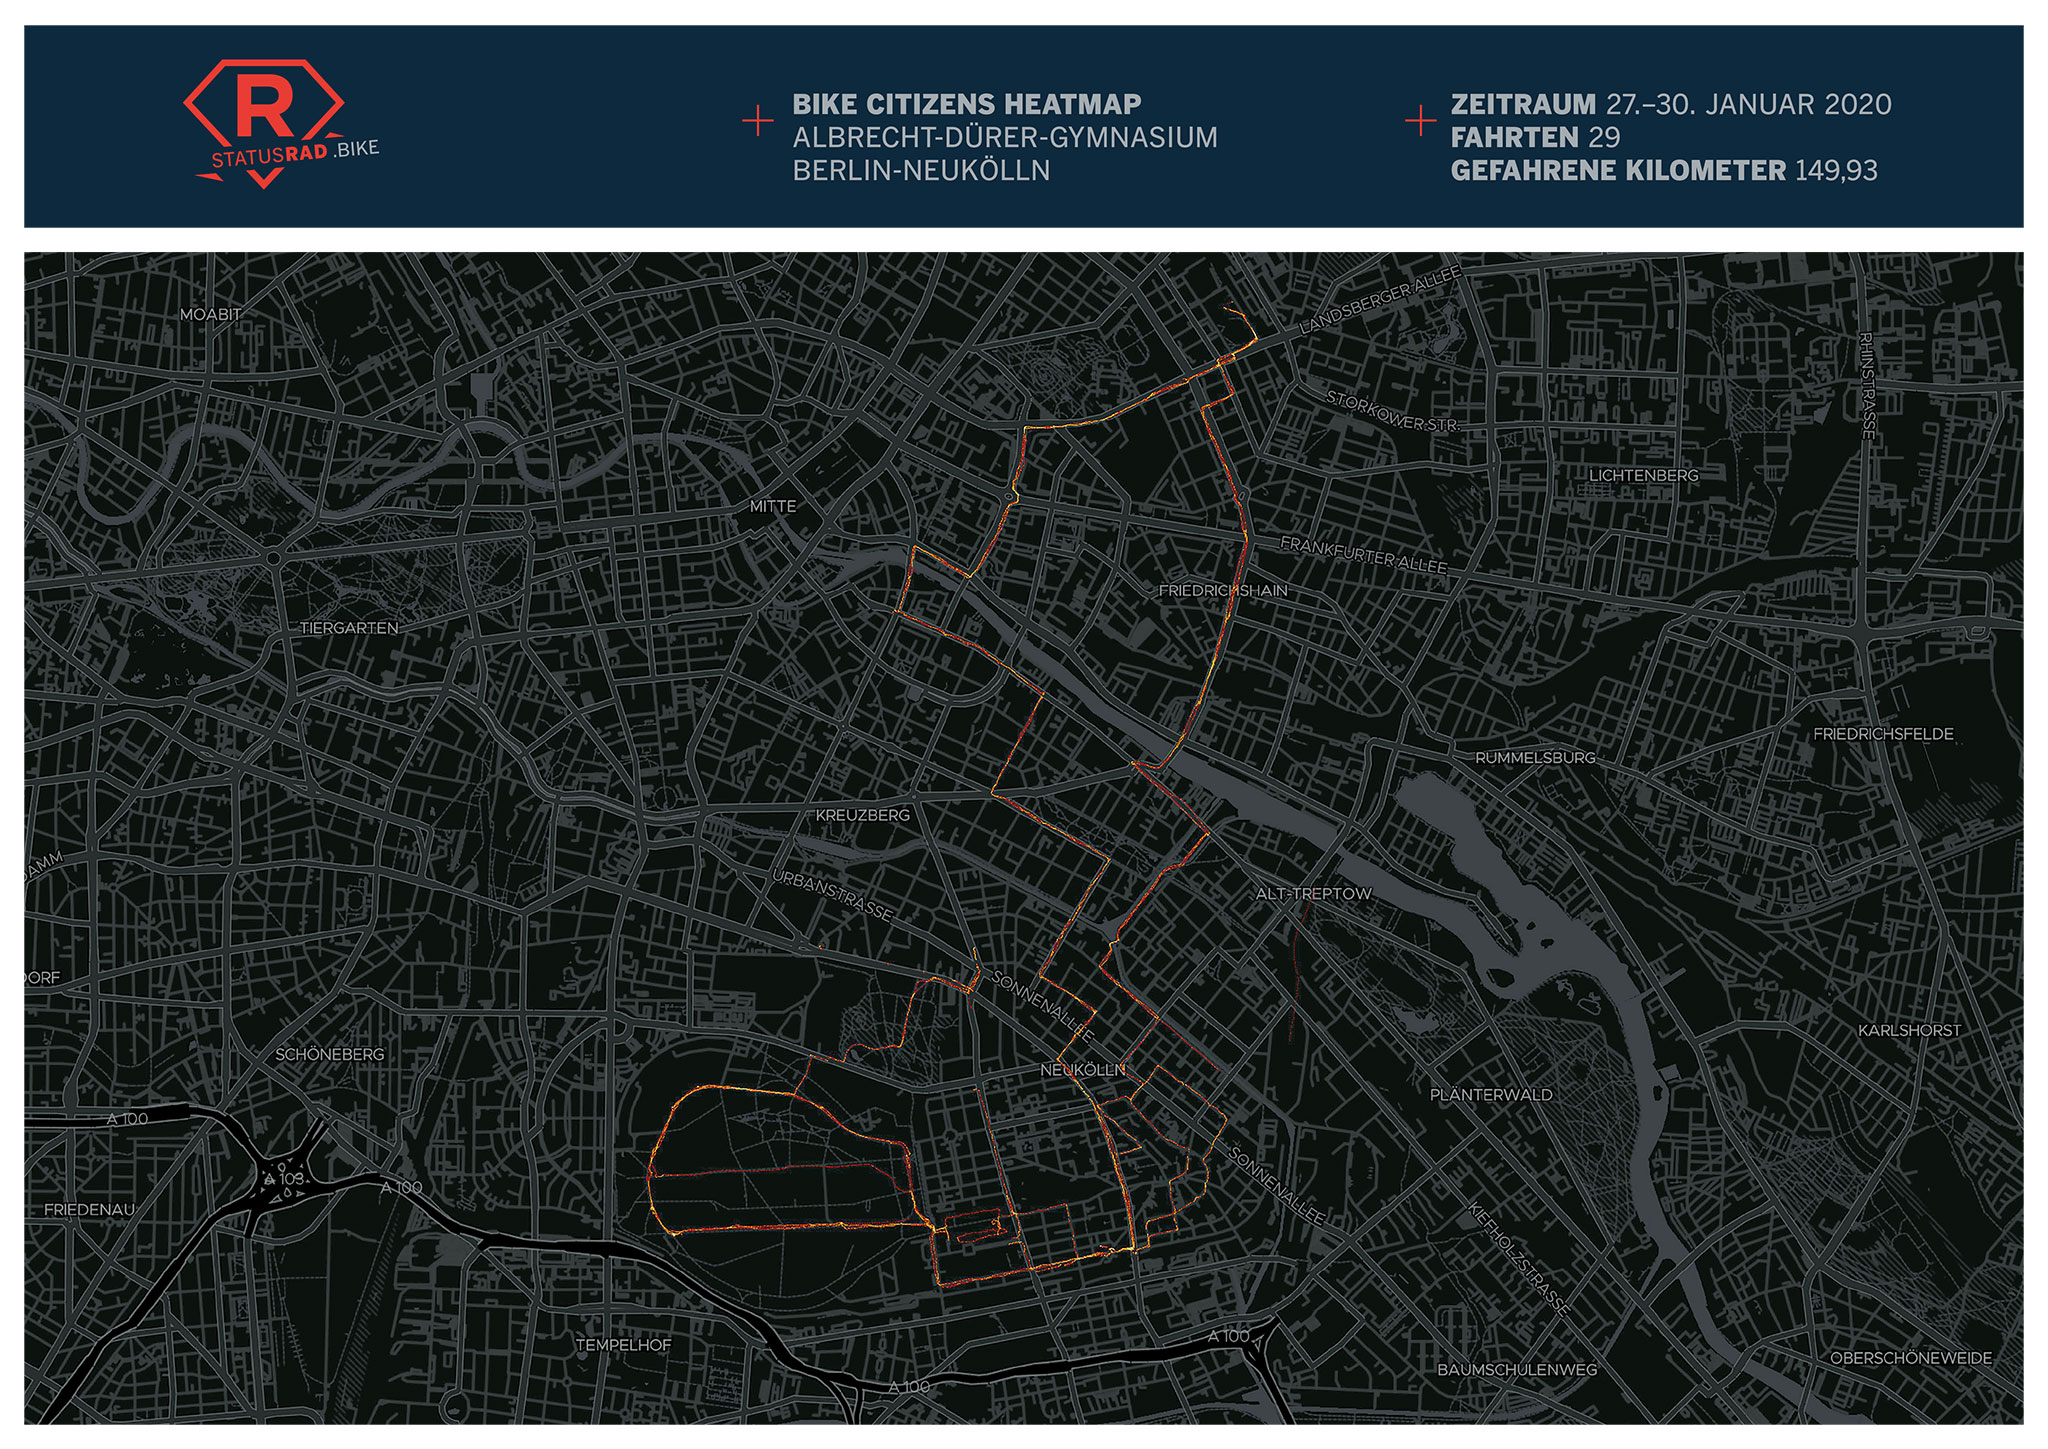 StatusRad Heatmap Berlin-Neukölln